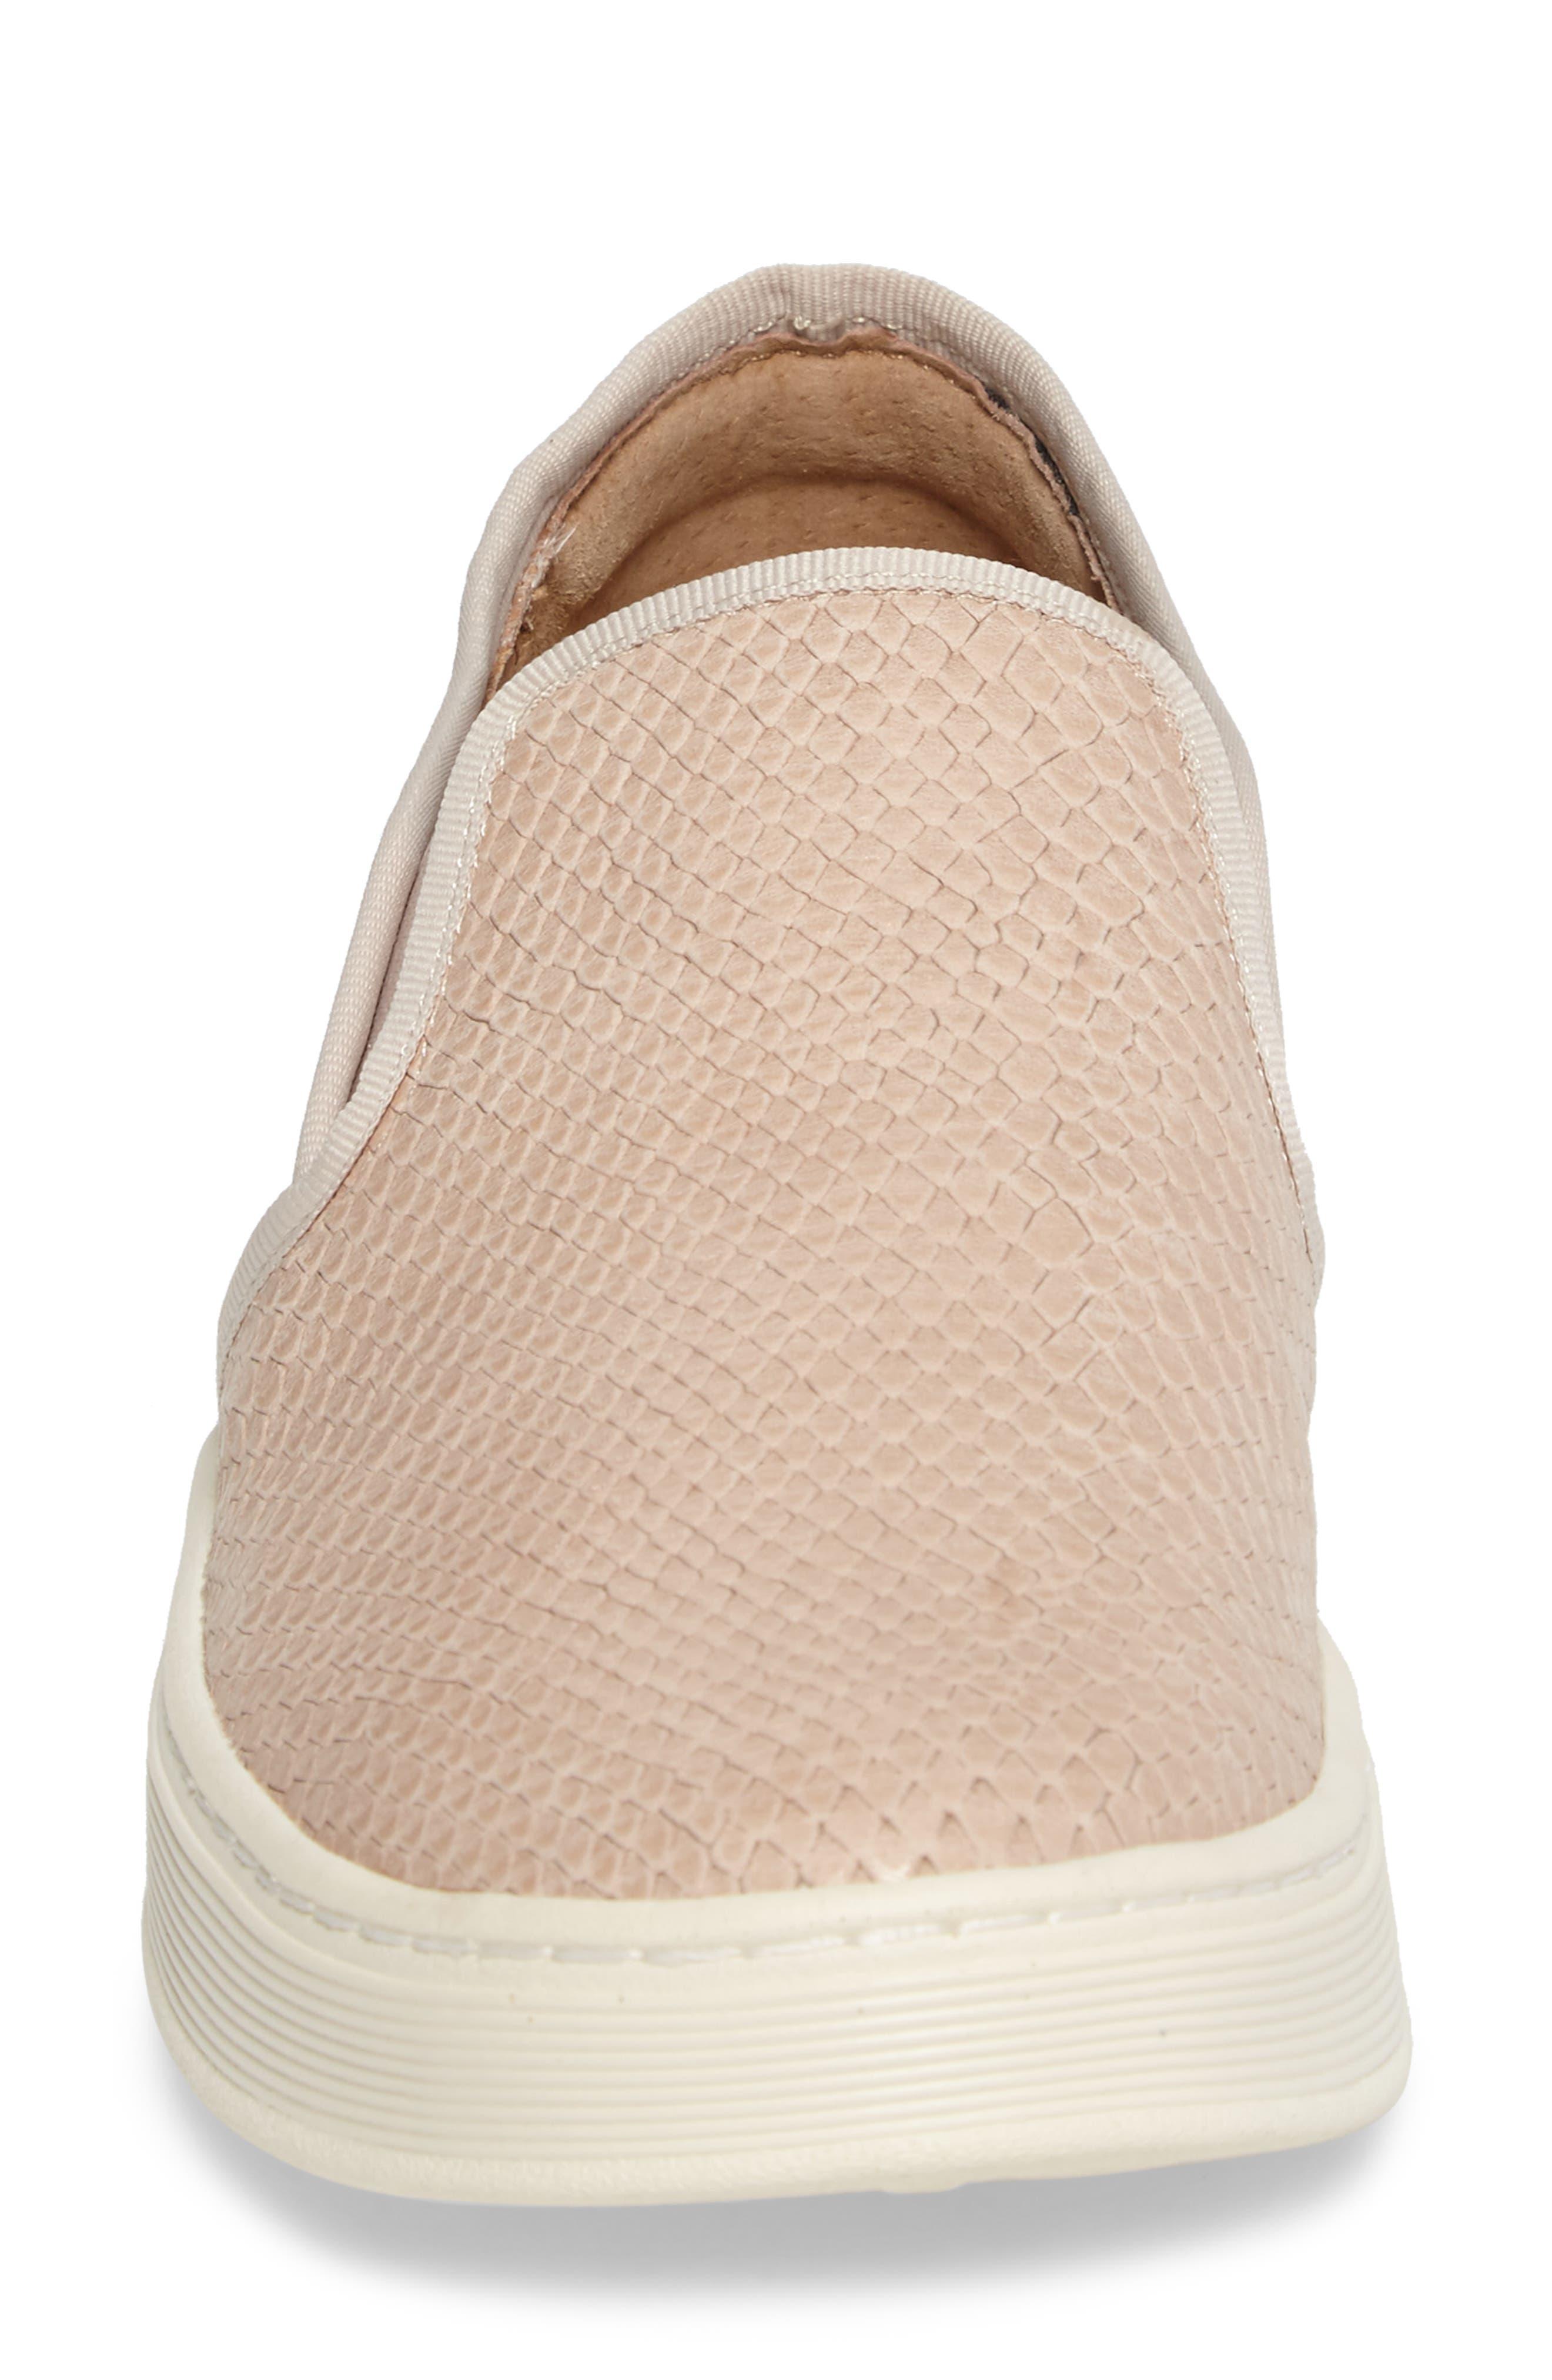 Alternate Image 4  - Söfft 'Somers' Slip-On Sneaker (Women)